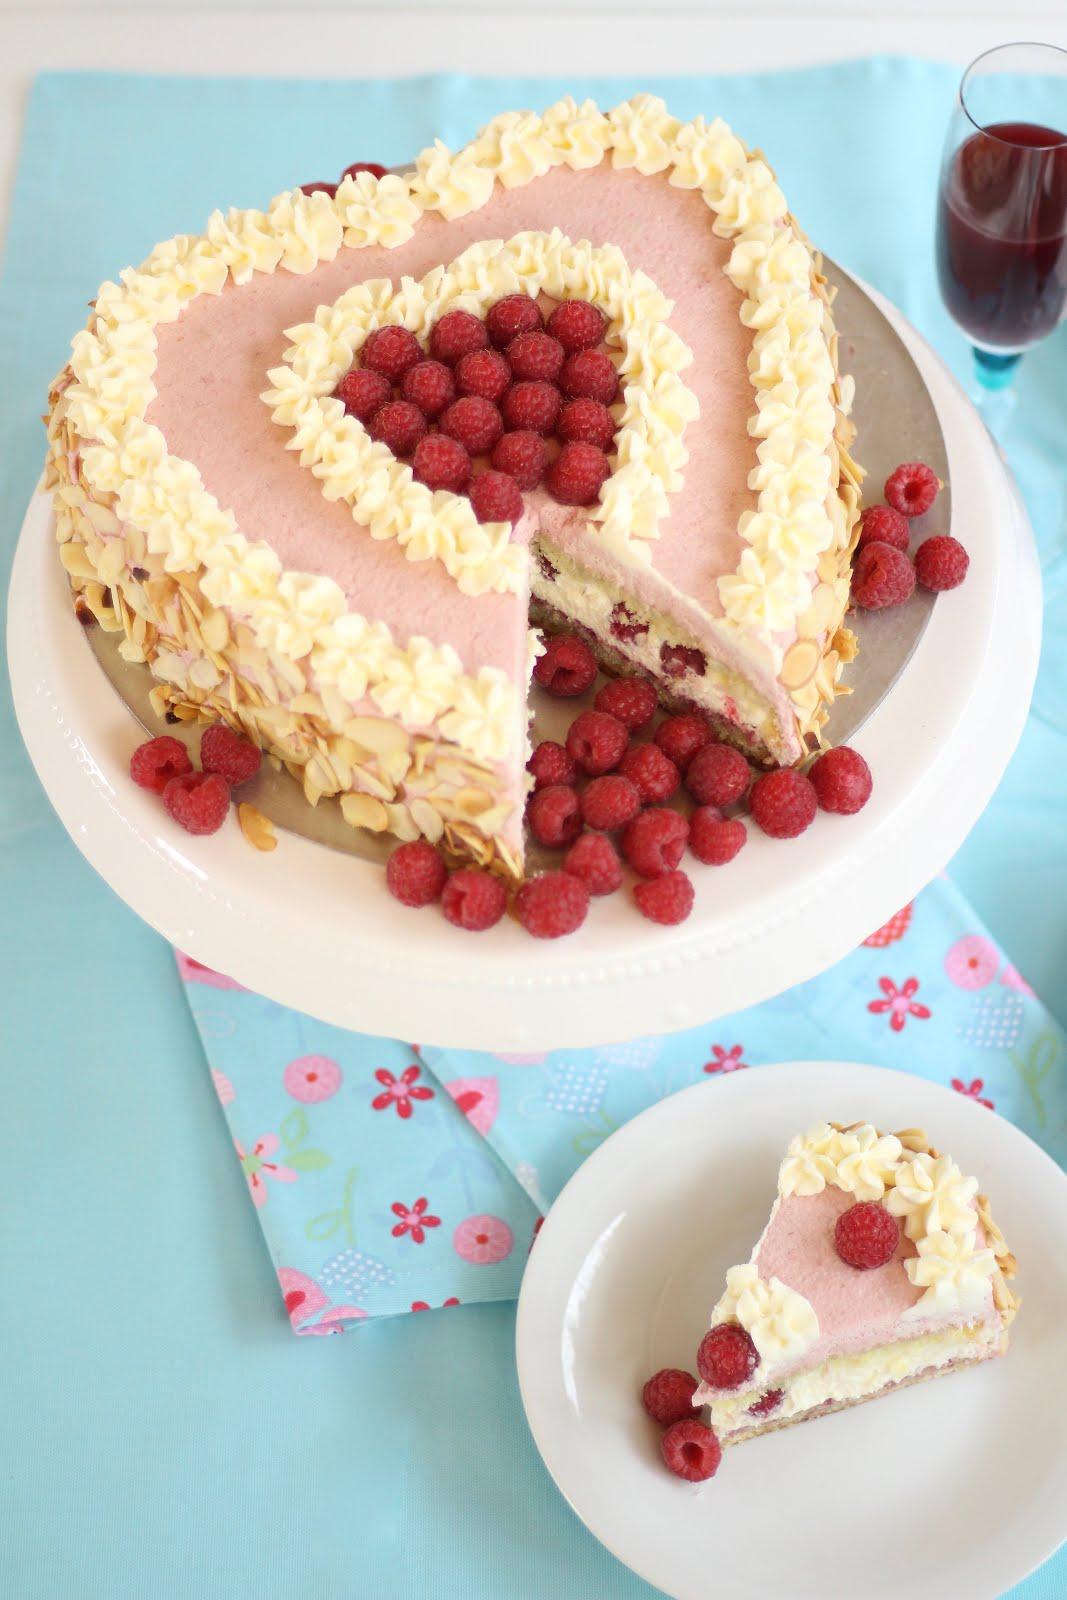 Super leckere Himbeer-Sahne-Torte in Herzform | 10.000 Abonnenten-Special: Rezept und Video